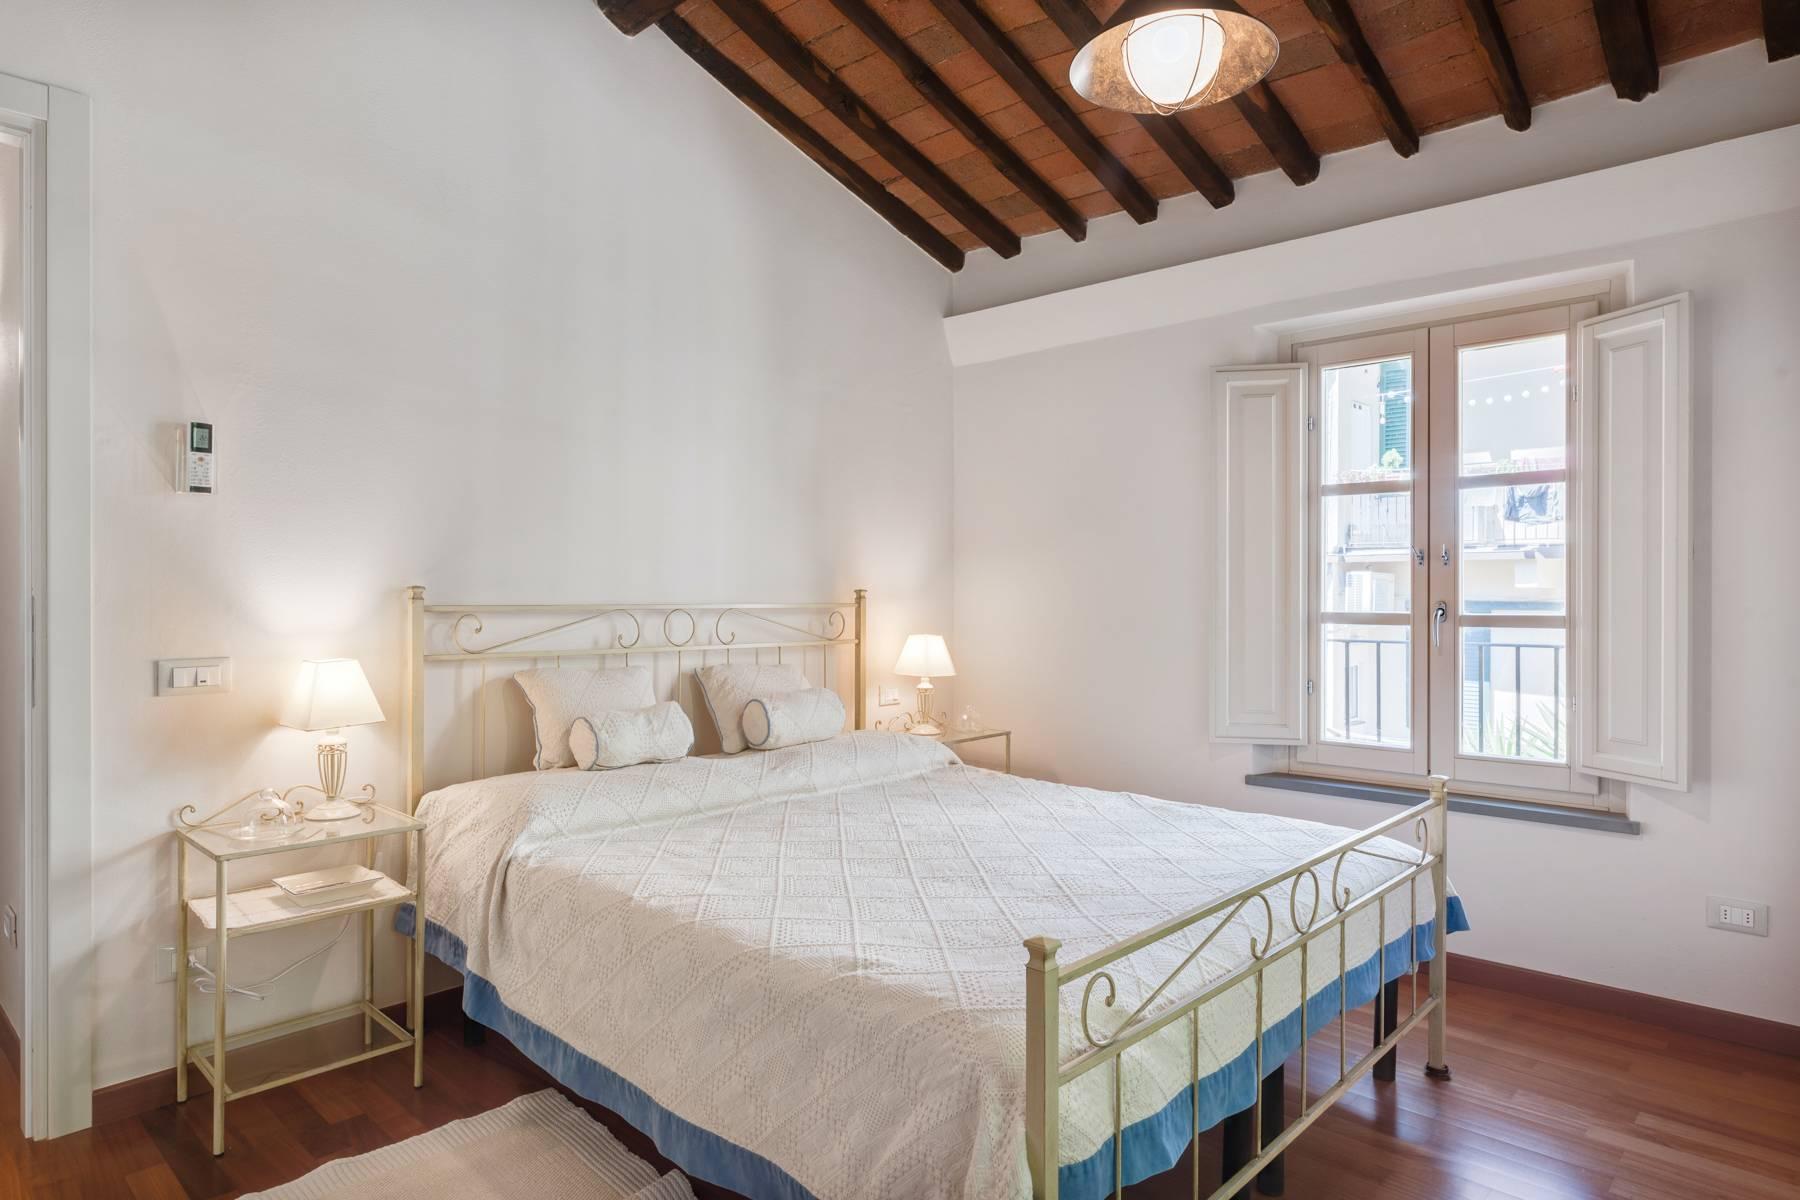 Appartamento in Vendita a Lucca: 4 locali, 120 mq - Foto 10